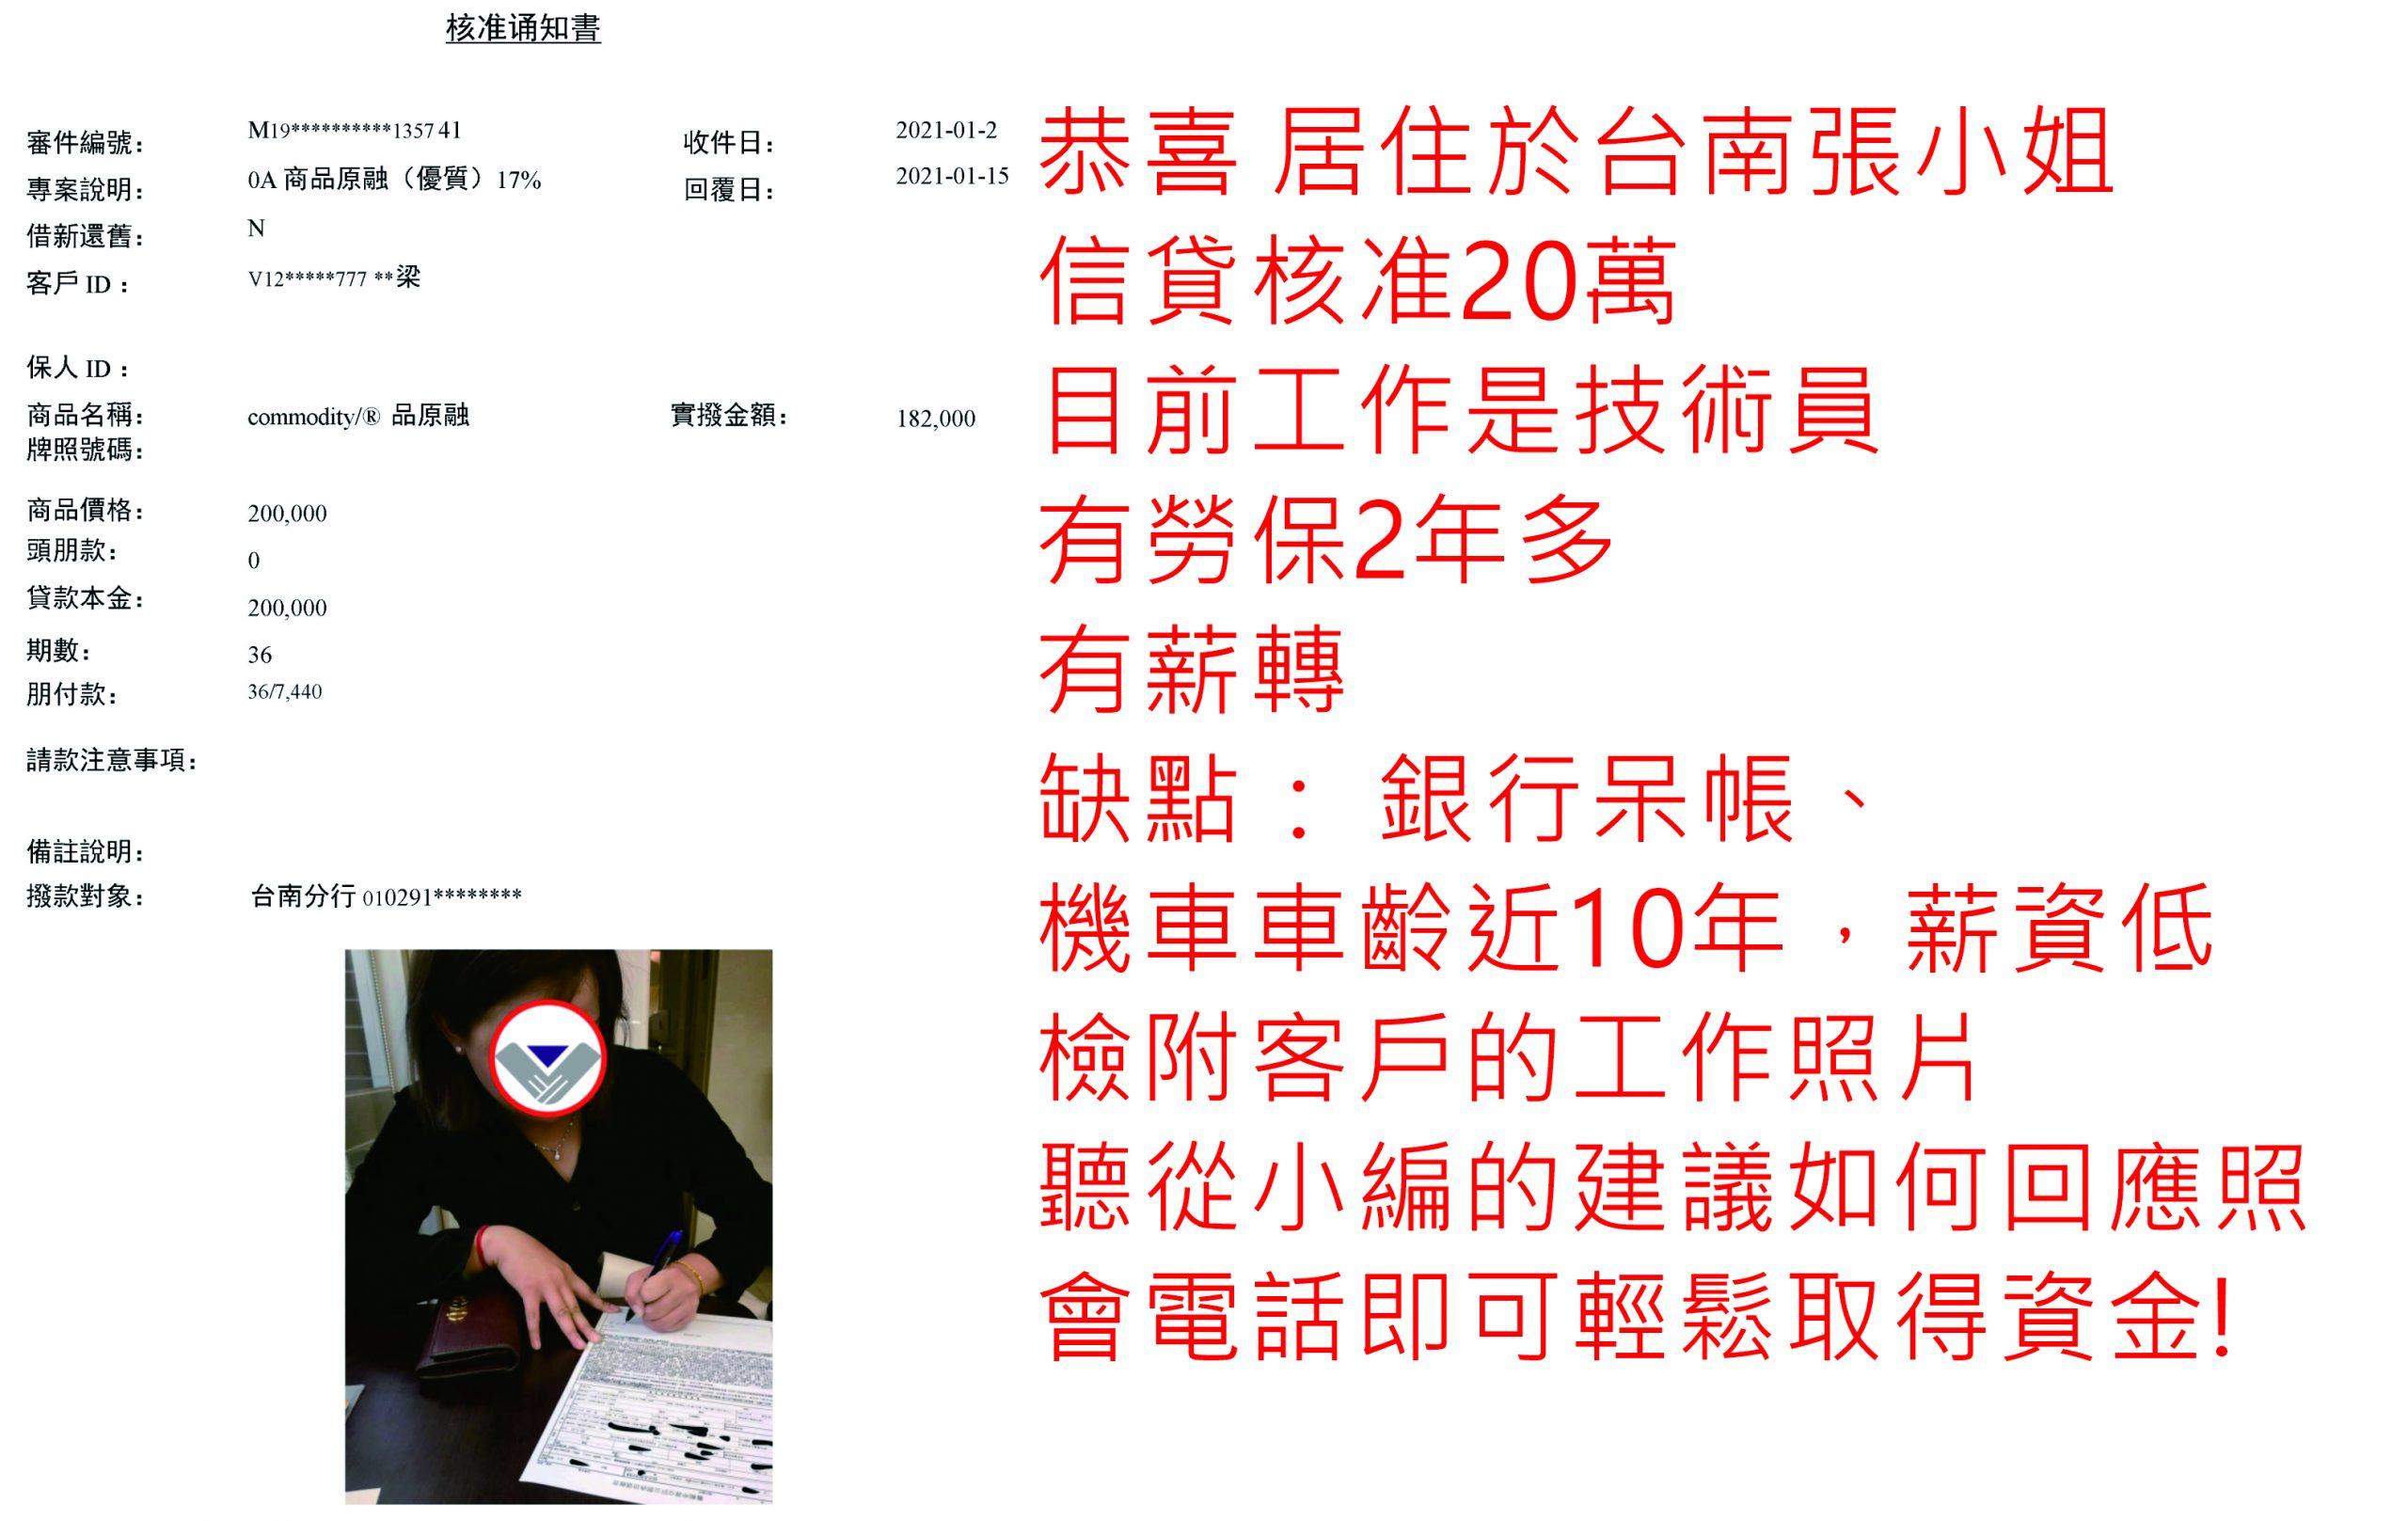 真心相貸機車貸款服務案例-台南張小姐核貸20萬